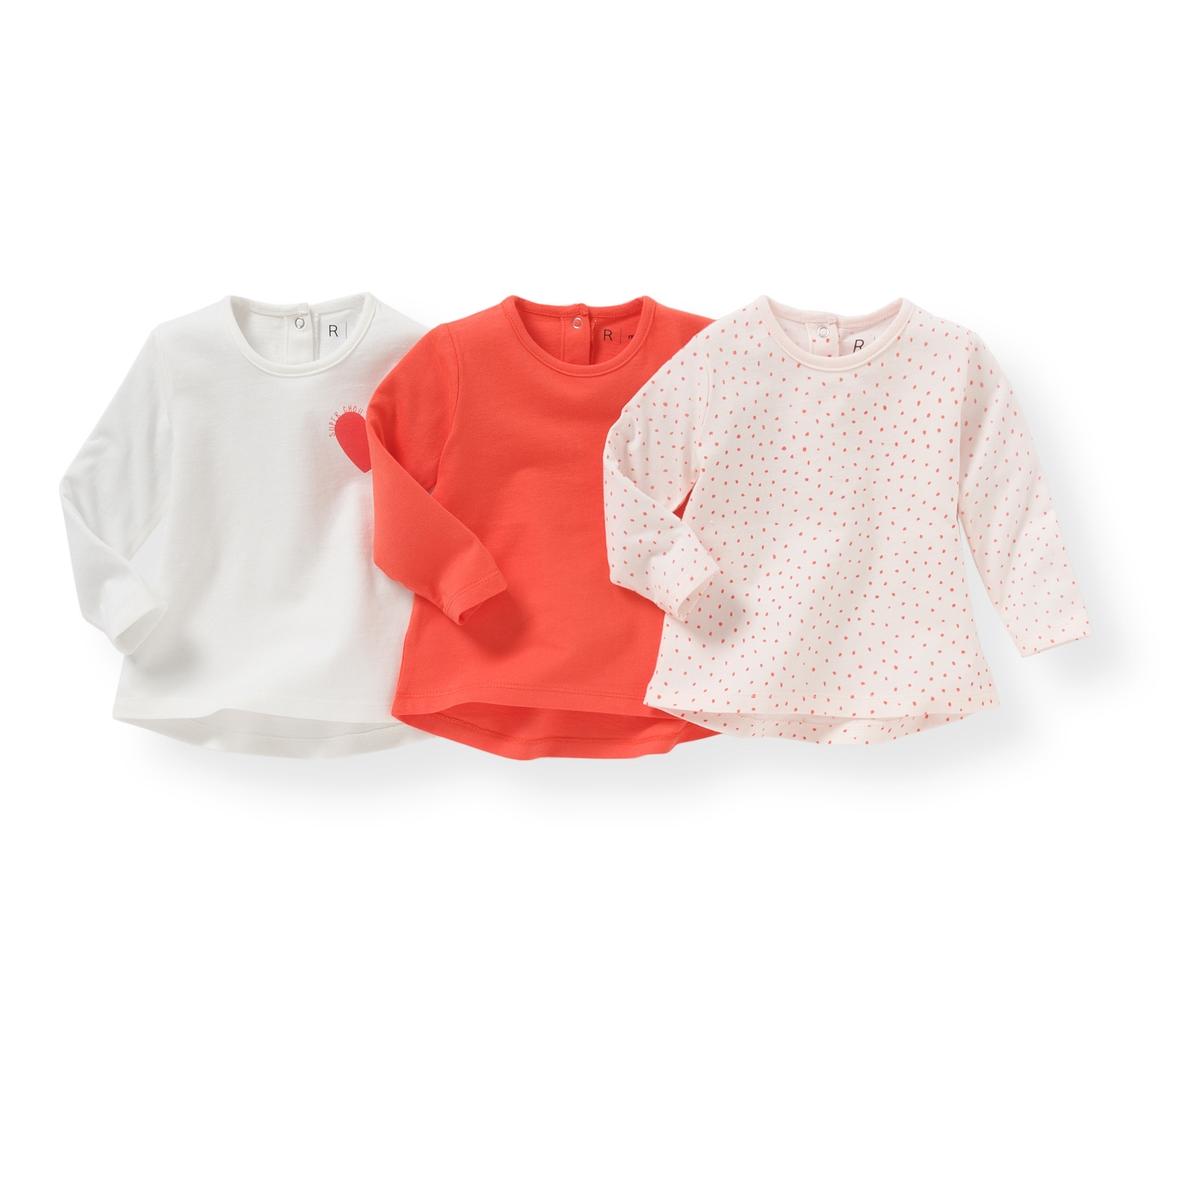 3 футболки с длинными рукавами, 1 мес.-3 летКомплект из 3 футболок с  длинными рукавами : 1 однотонная + 1 с принтом в горошек + 1 с нашивкой в виде сердца на груди . Круглый вырез. Застежка на кнопках до середины спинки . Состав и описание :Материал       100% хлопокМарка       R ?ditionУход: :Стирать и гладить с изнаночной стороныМашинная стирка при 40 °C с вещами схожих цветовМашинная сушка в умеренном режимеГладить при средней температуре  Знак марки отпечатан с внутренней стороны и не напечатан на пришитой этикетке сзади, чтобы не вызвать раздражение или зуд на коже ребенка  .<br><br>Цвет: белый + розовый + коралловый<br>Размер: 3 мес. - 60 см.1 мес. - 54 см